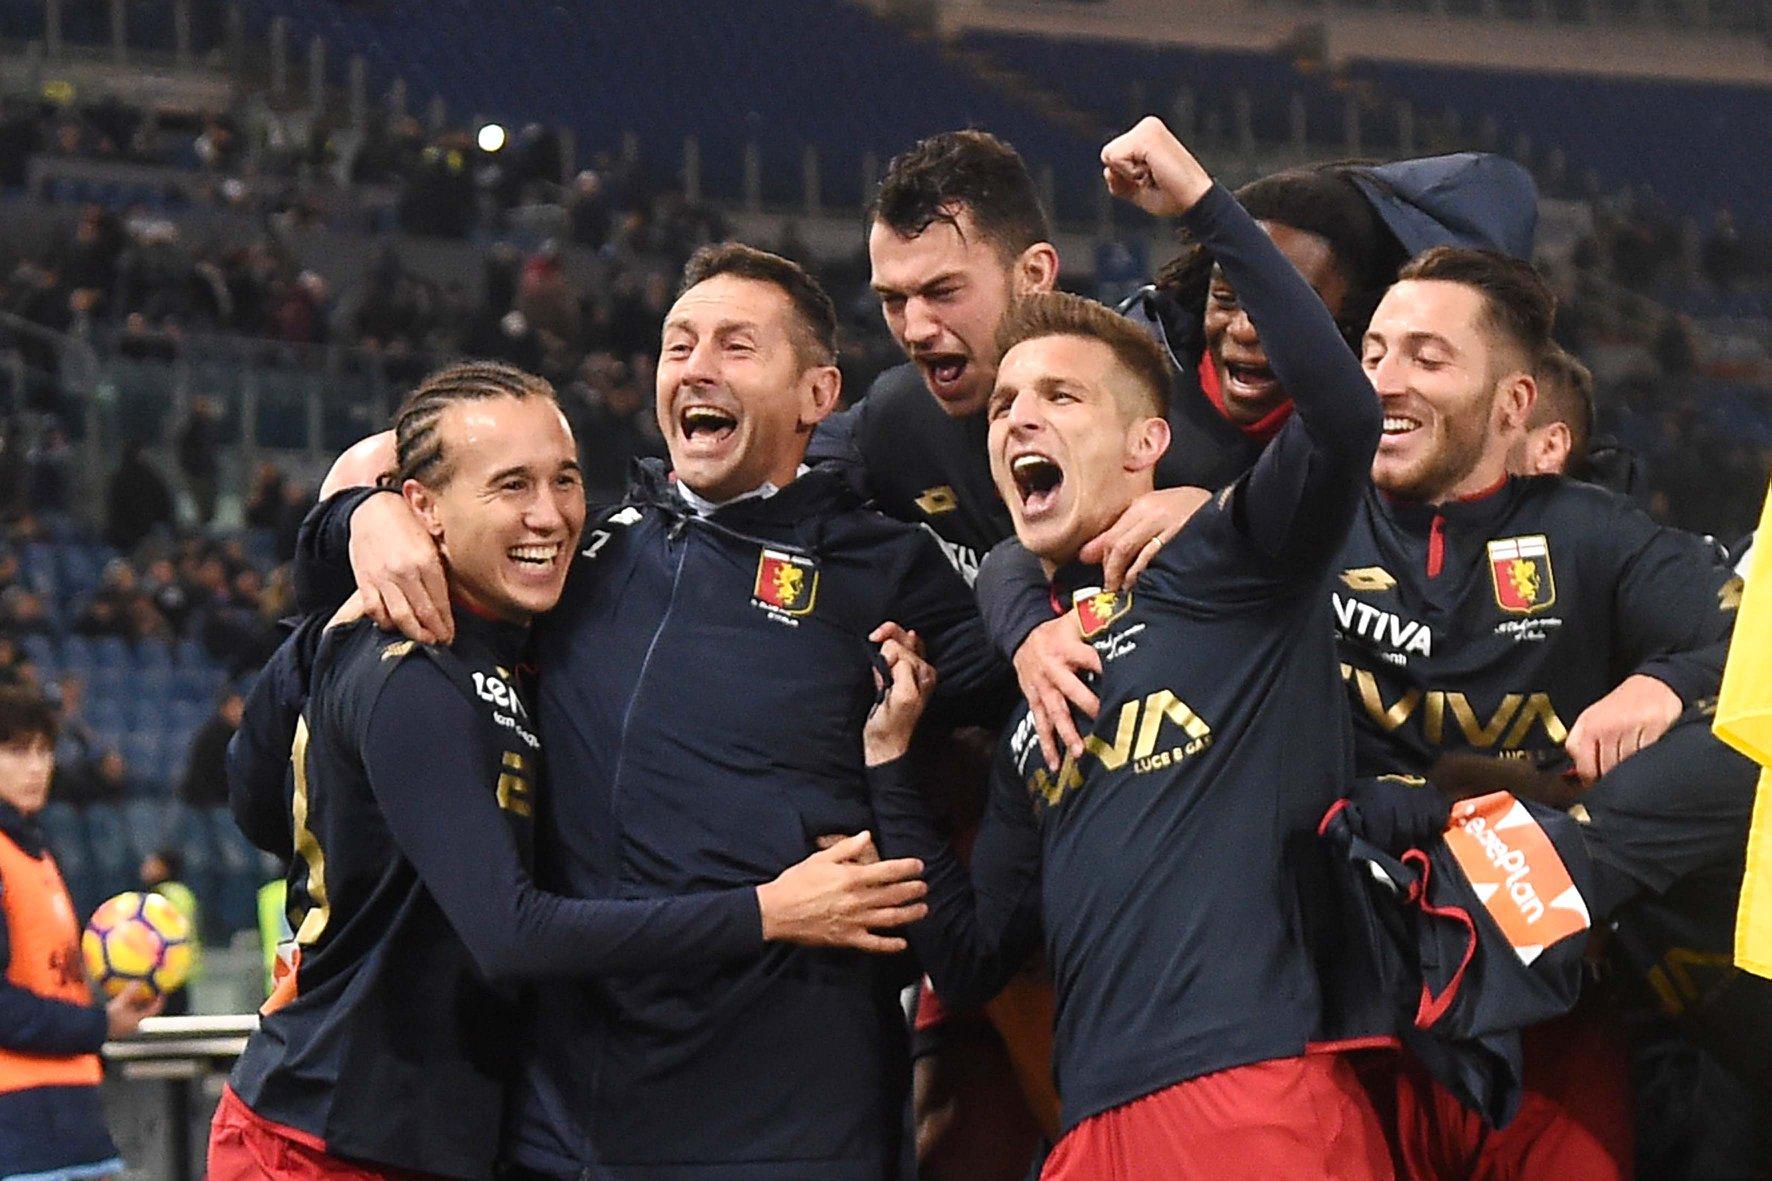 La Lazio si ferma: 2-1 Genoa all'Olimpico